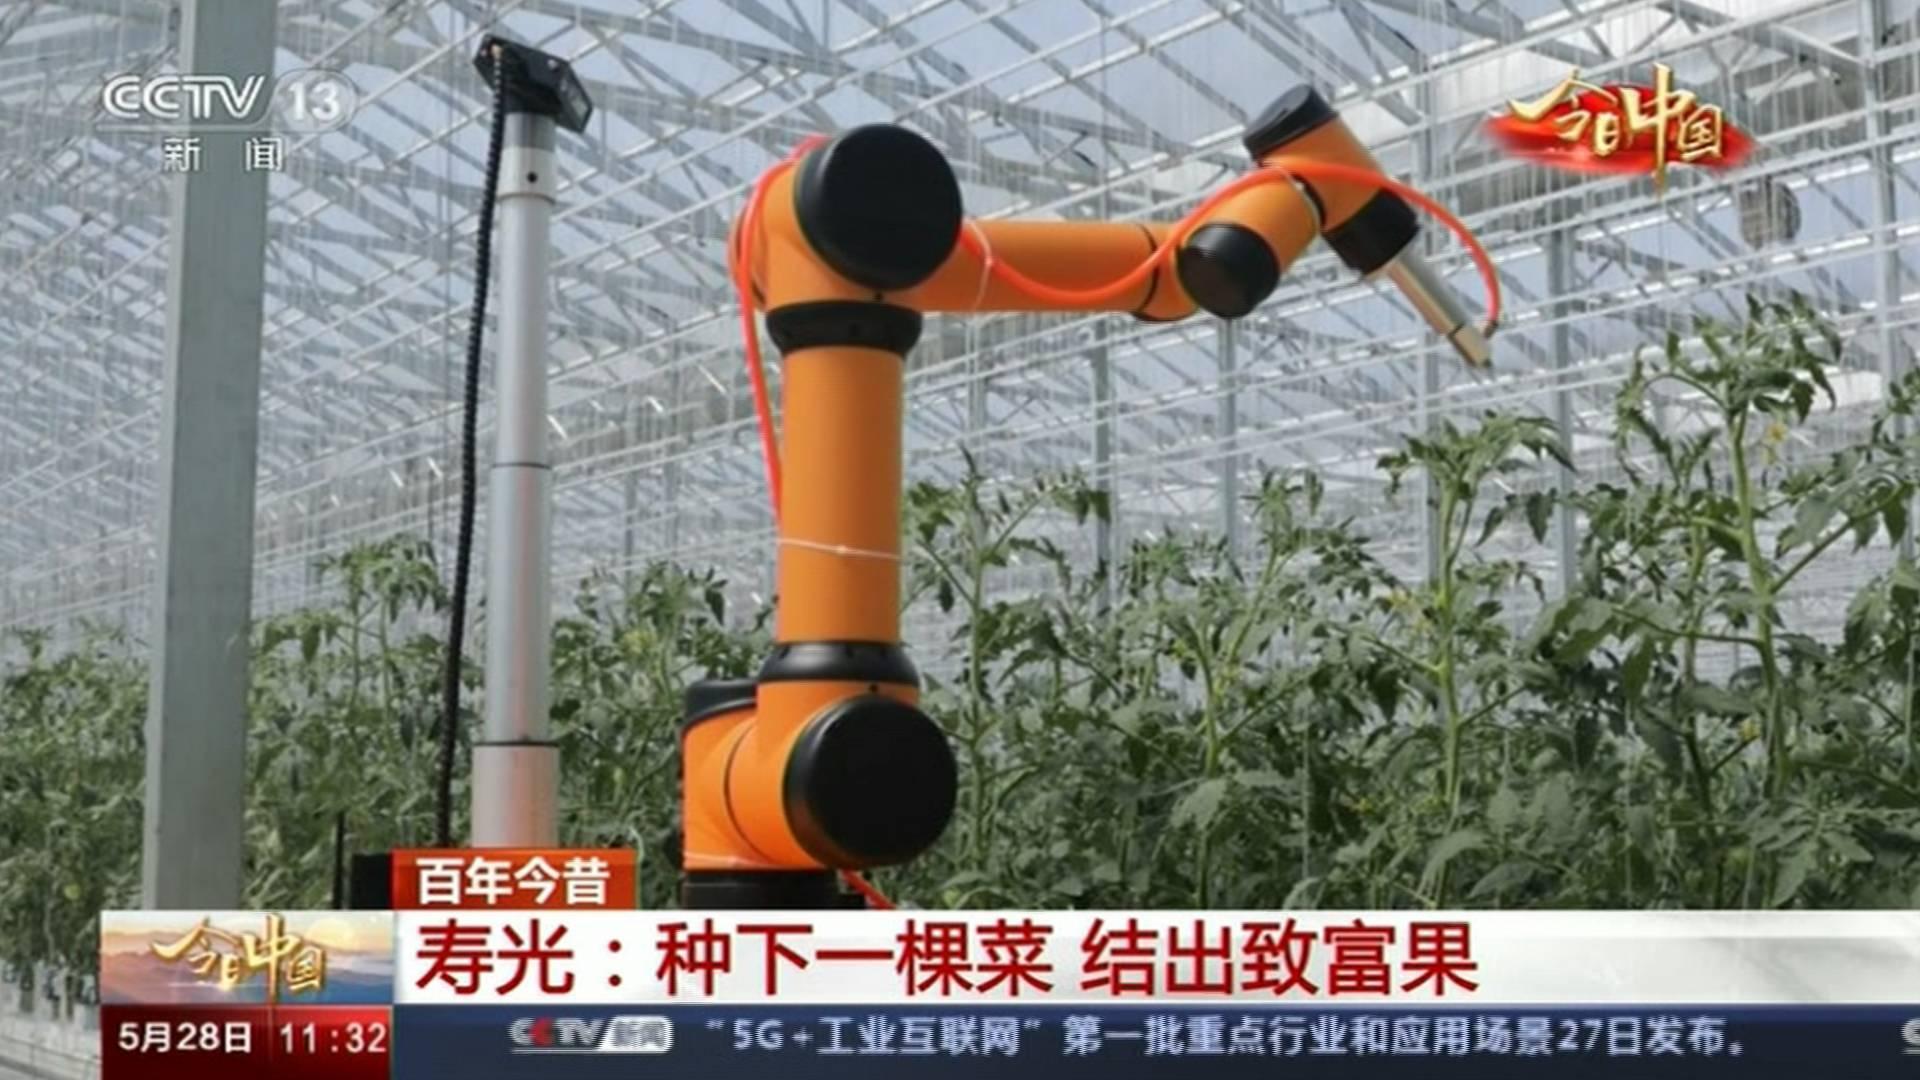 """今日中国·山东篇丨打造蔬菜""""硅谷"""",种菜结出致富果!这里是""""中国蔬菜之乡""""山东寿光"""